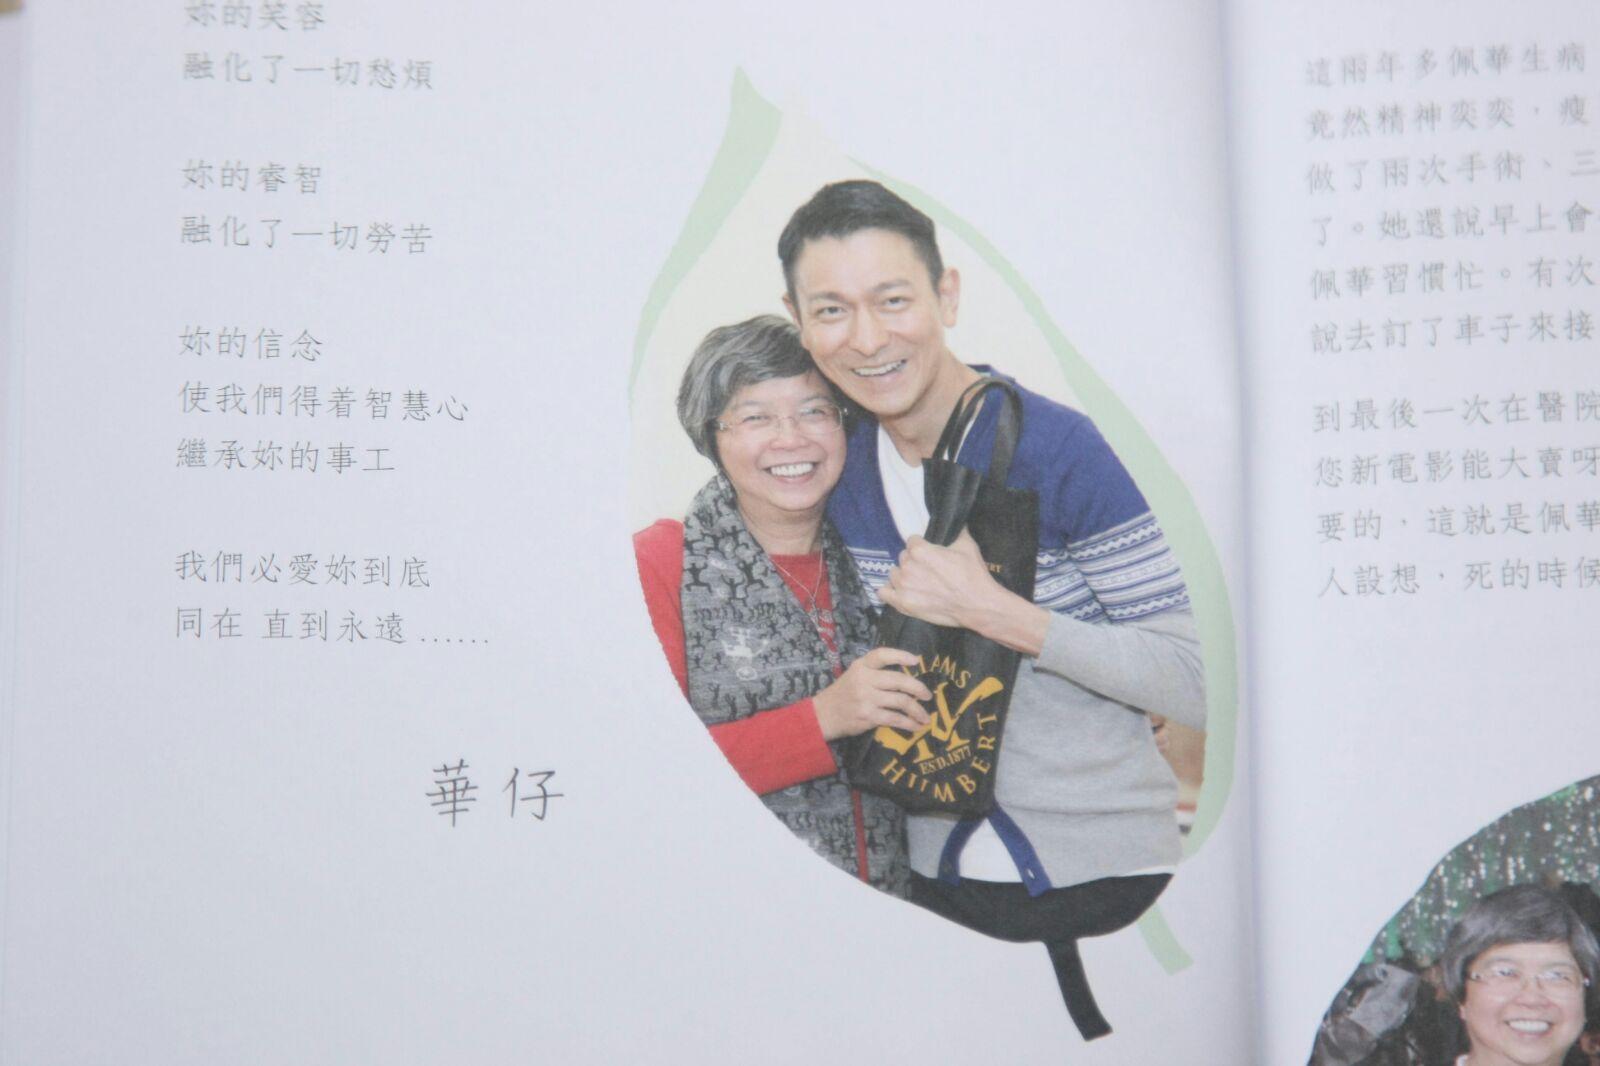 華仔在佩華姐紀念冊上撰文悼念:「妳的笑容融化了一切愁煩,妳的睿智融化了一切勞苦」。